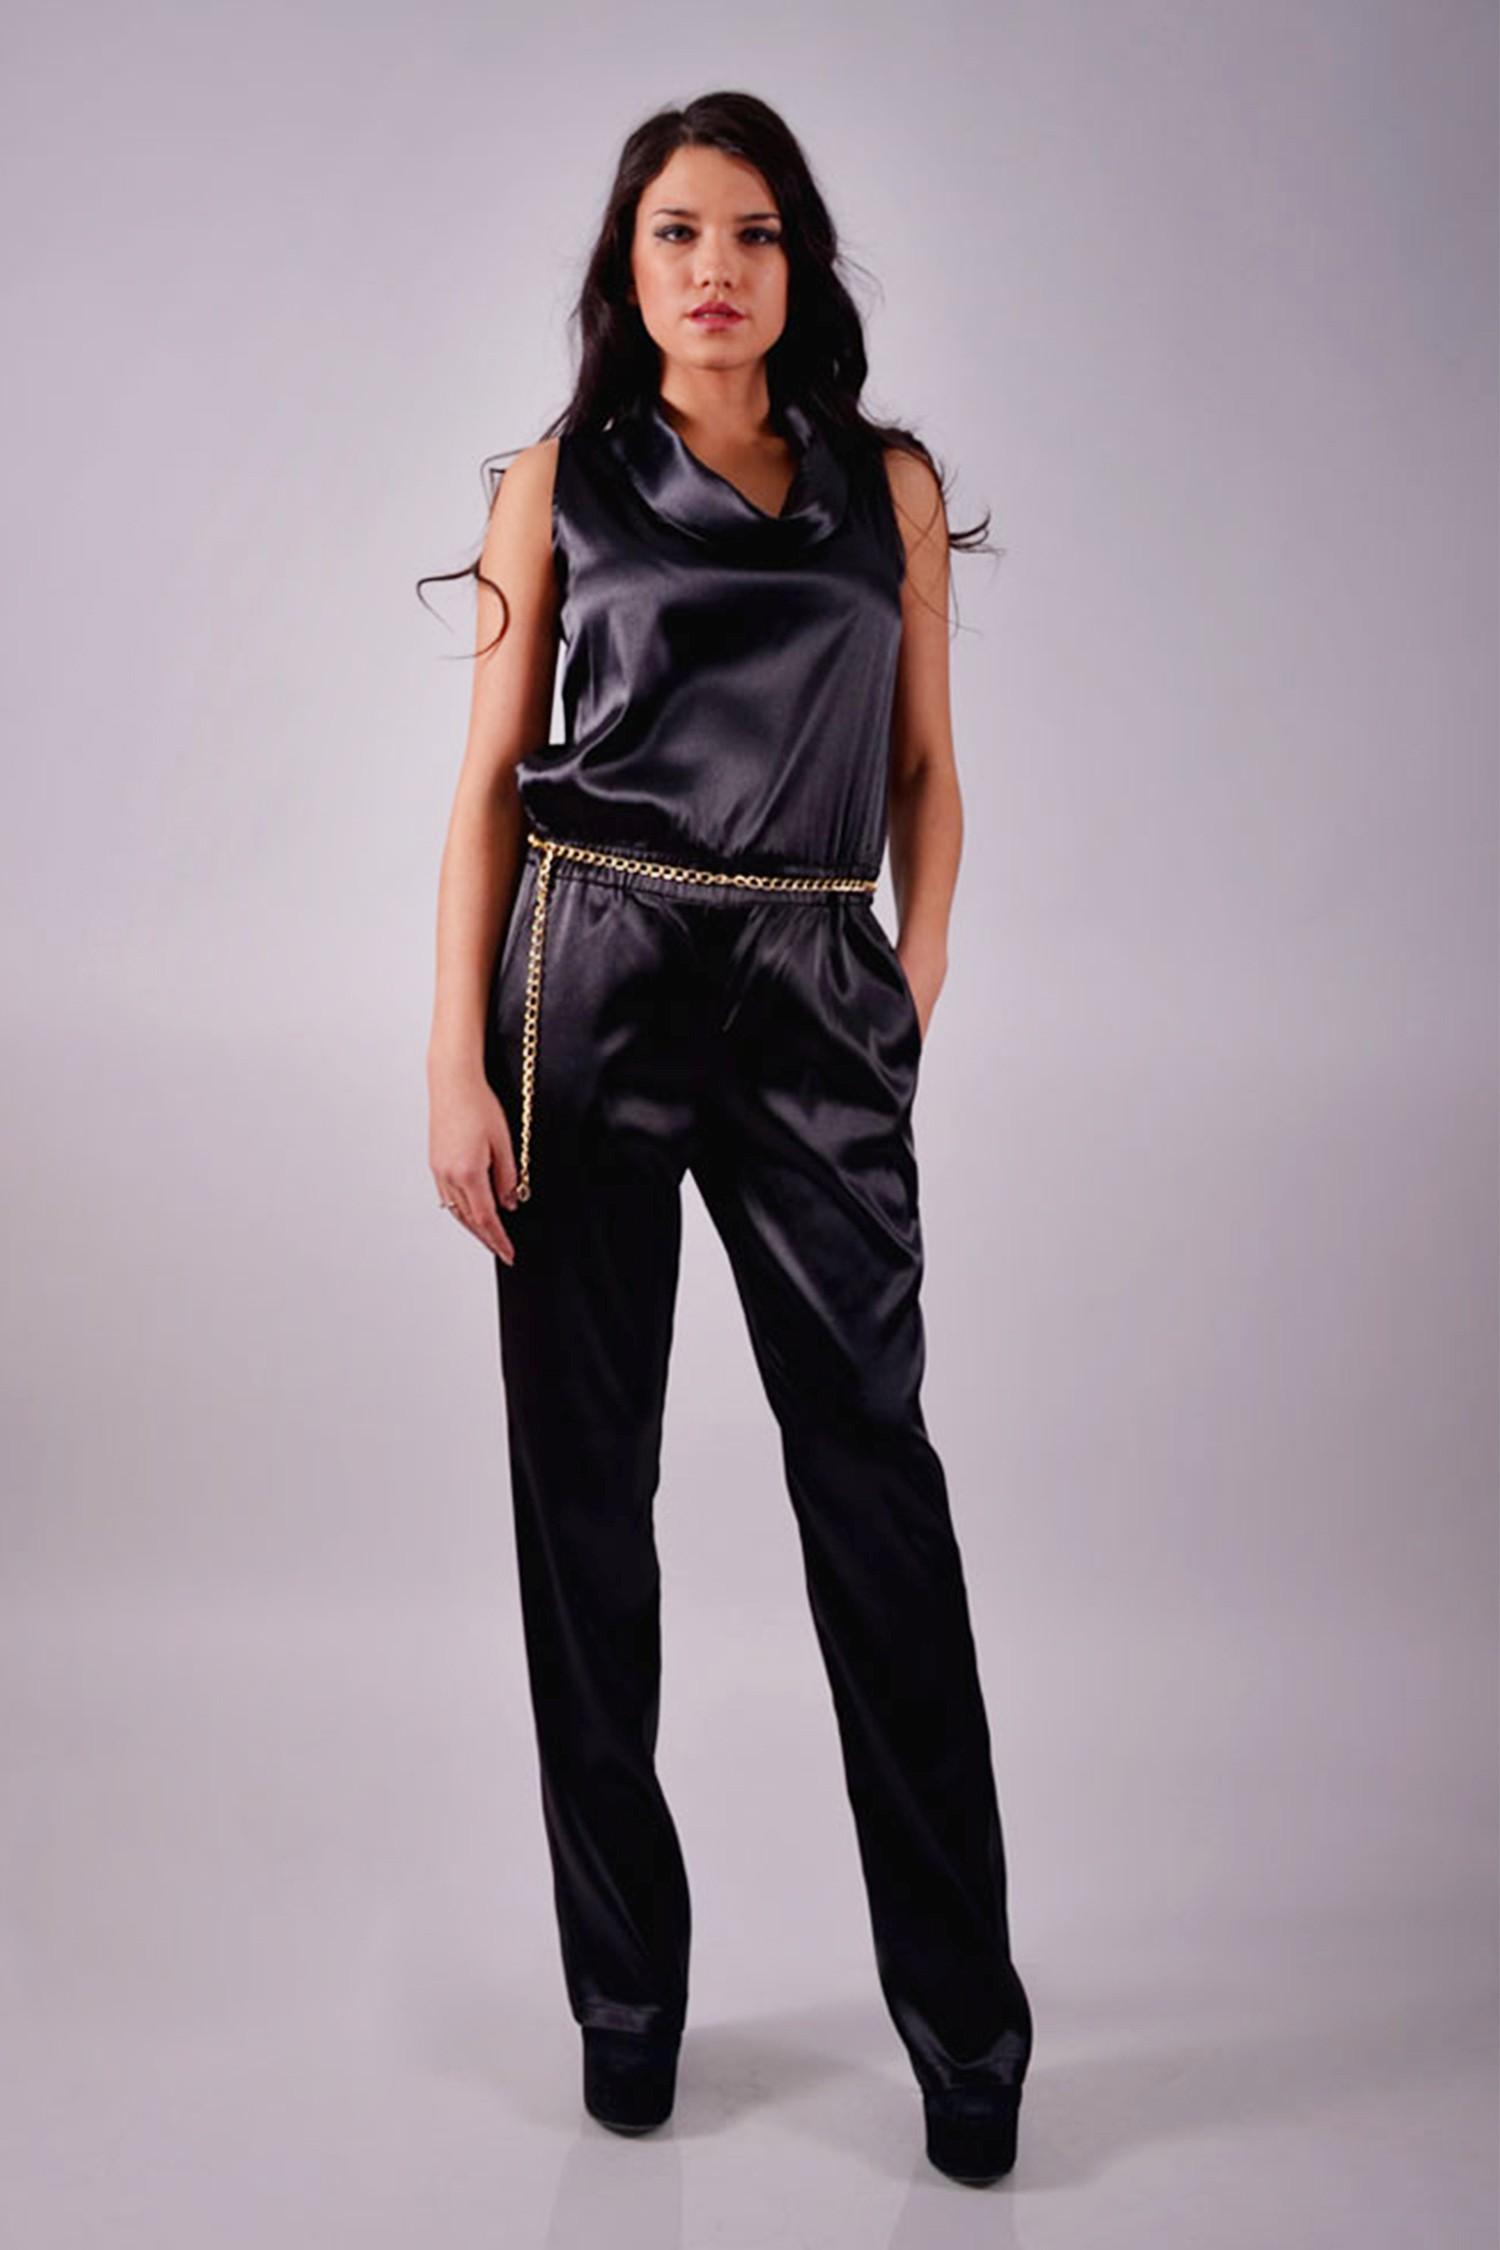 Женский атласный костюм лоск и благородство вашего образа GlaMiss